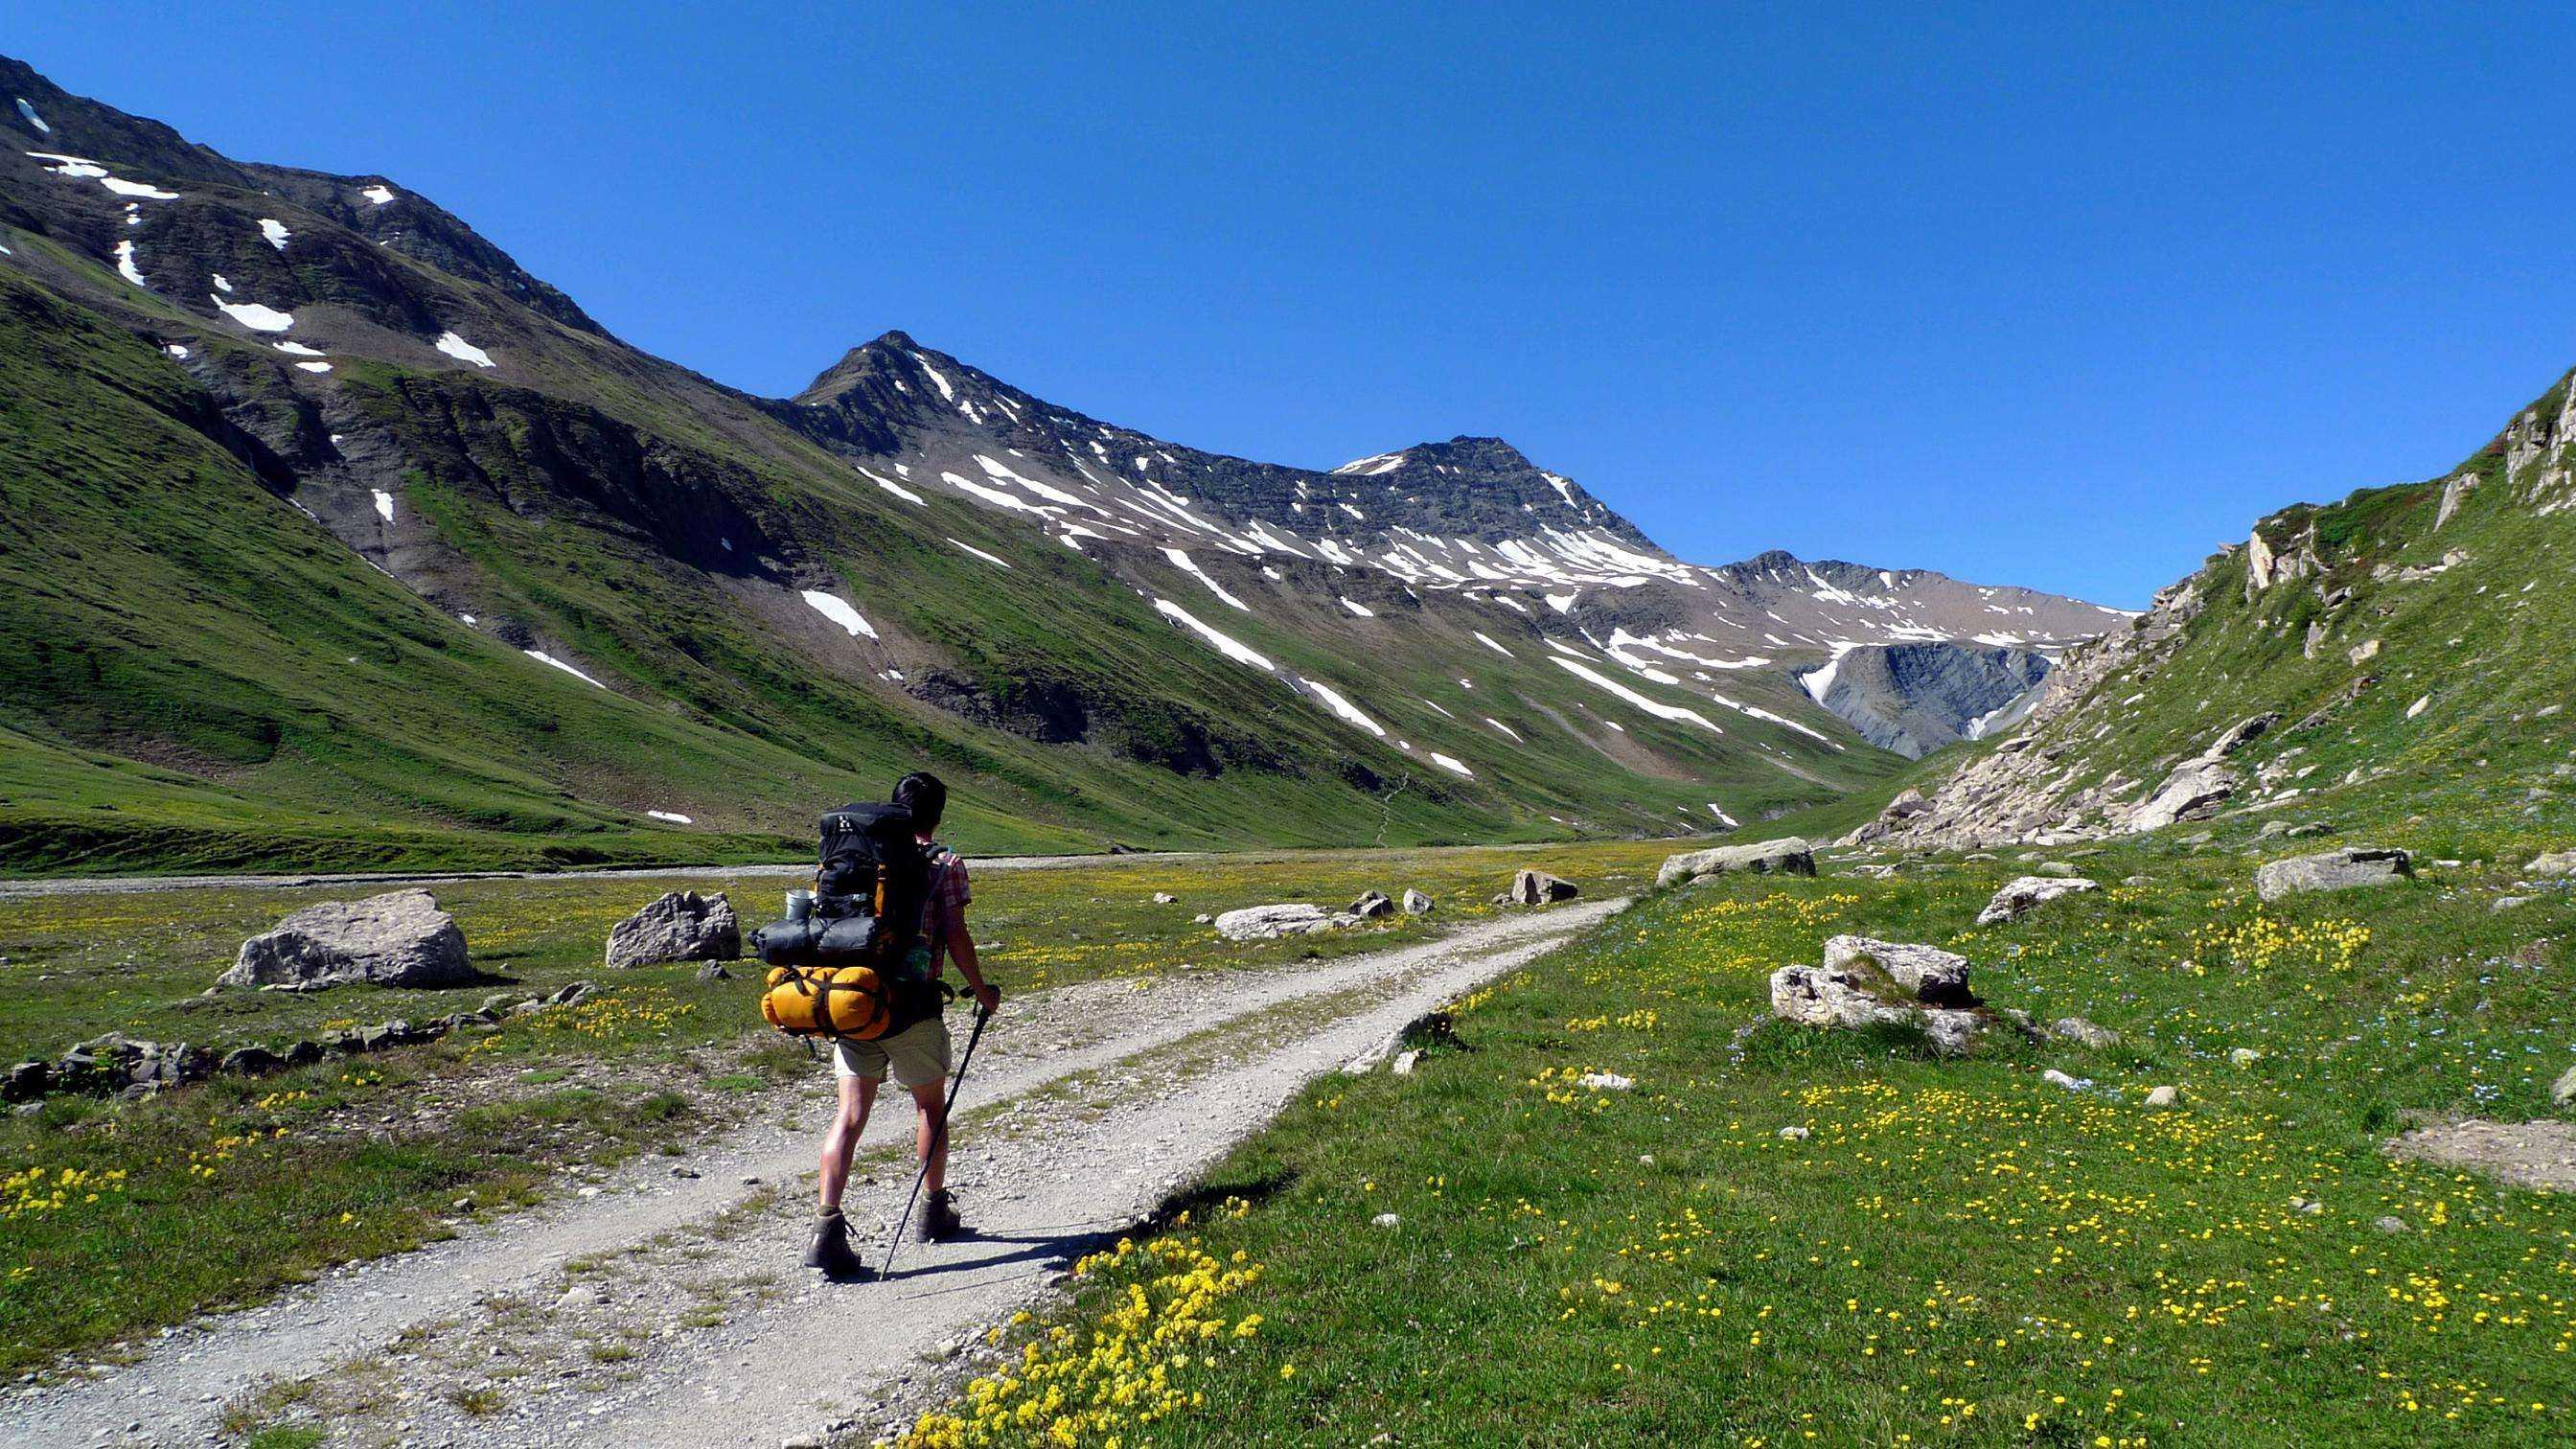 环勃朗峰徒步,全程欧洲精品酒店,尽享法瑞意三国美食,轻奢探险品质游